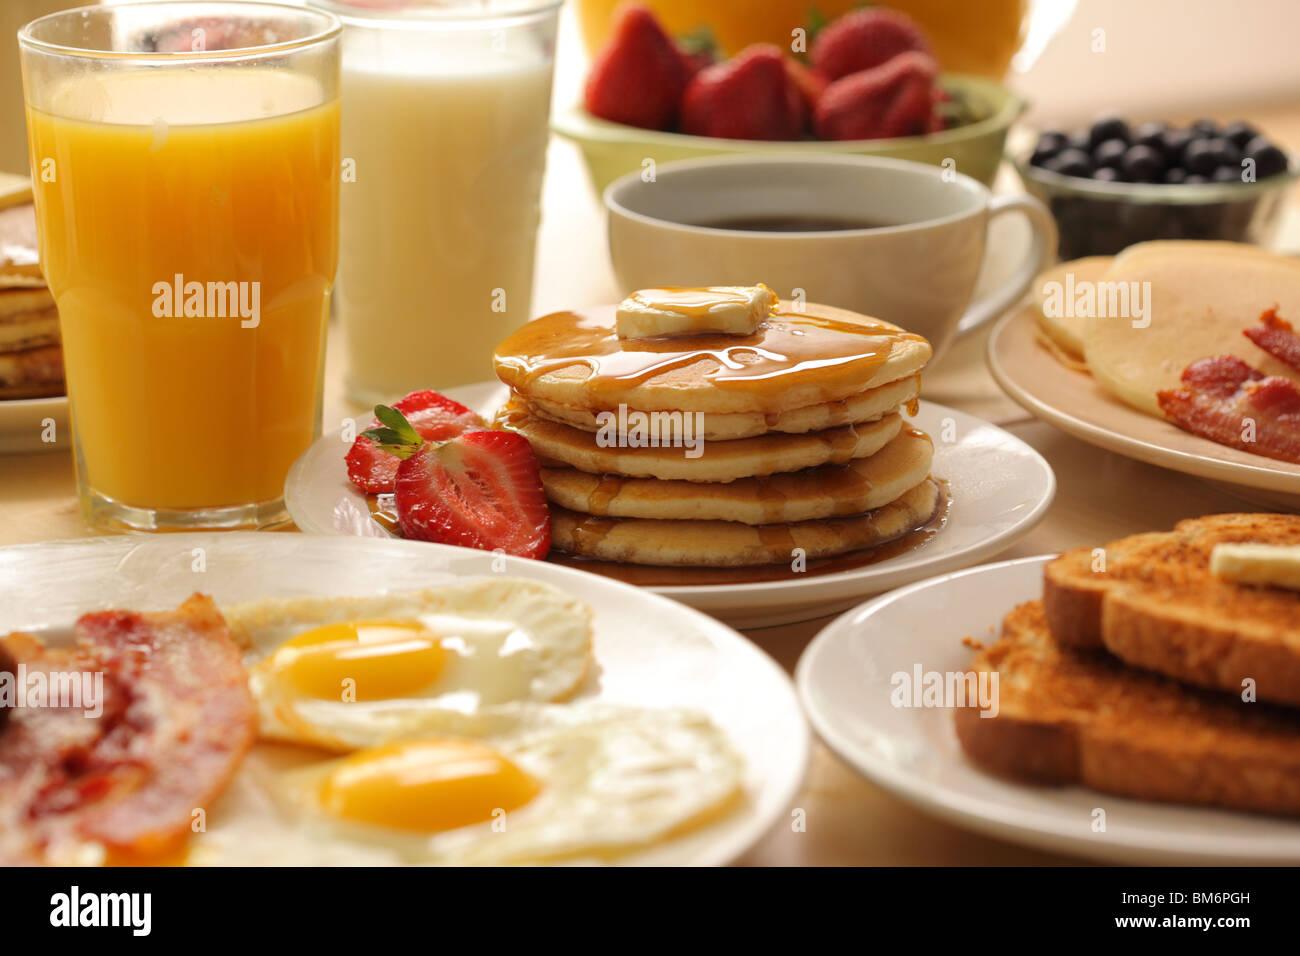 Desayuno tortitas, fruta, huevos, tocino y pan tostado Imagen De Stock